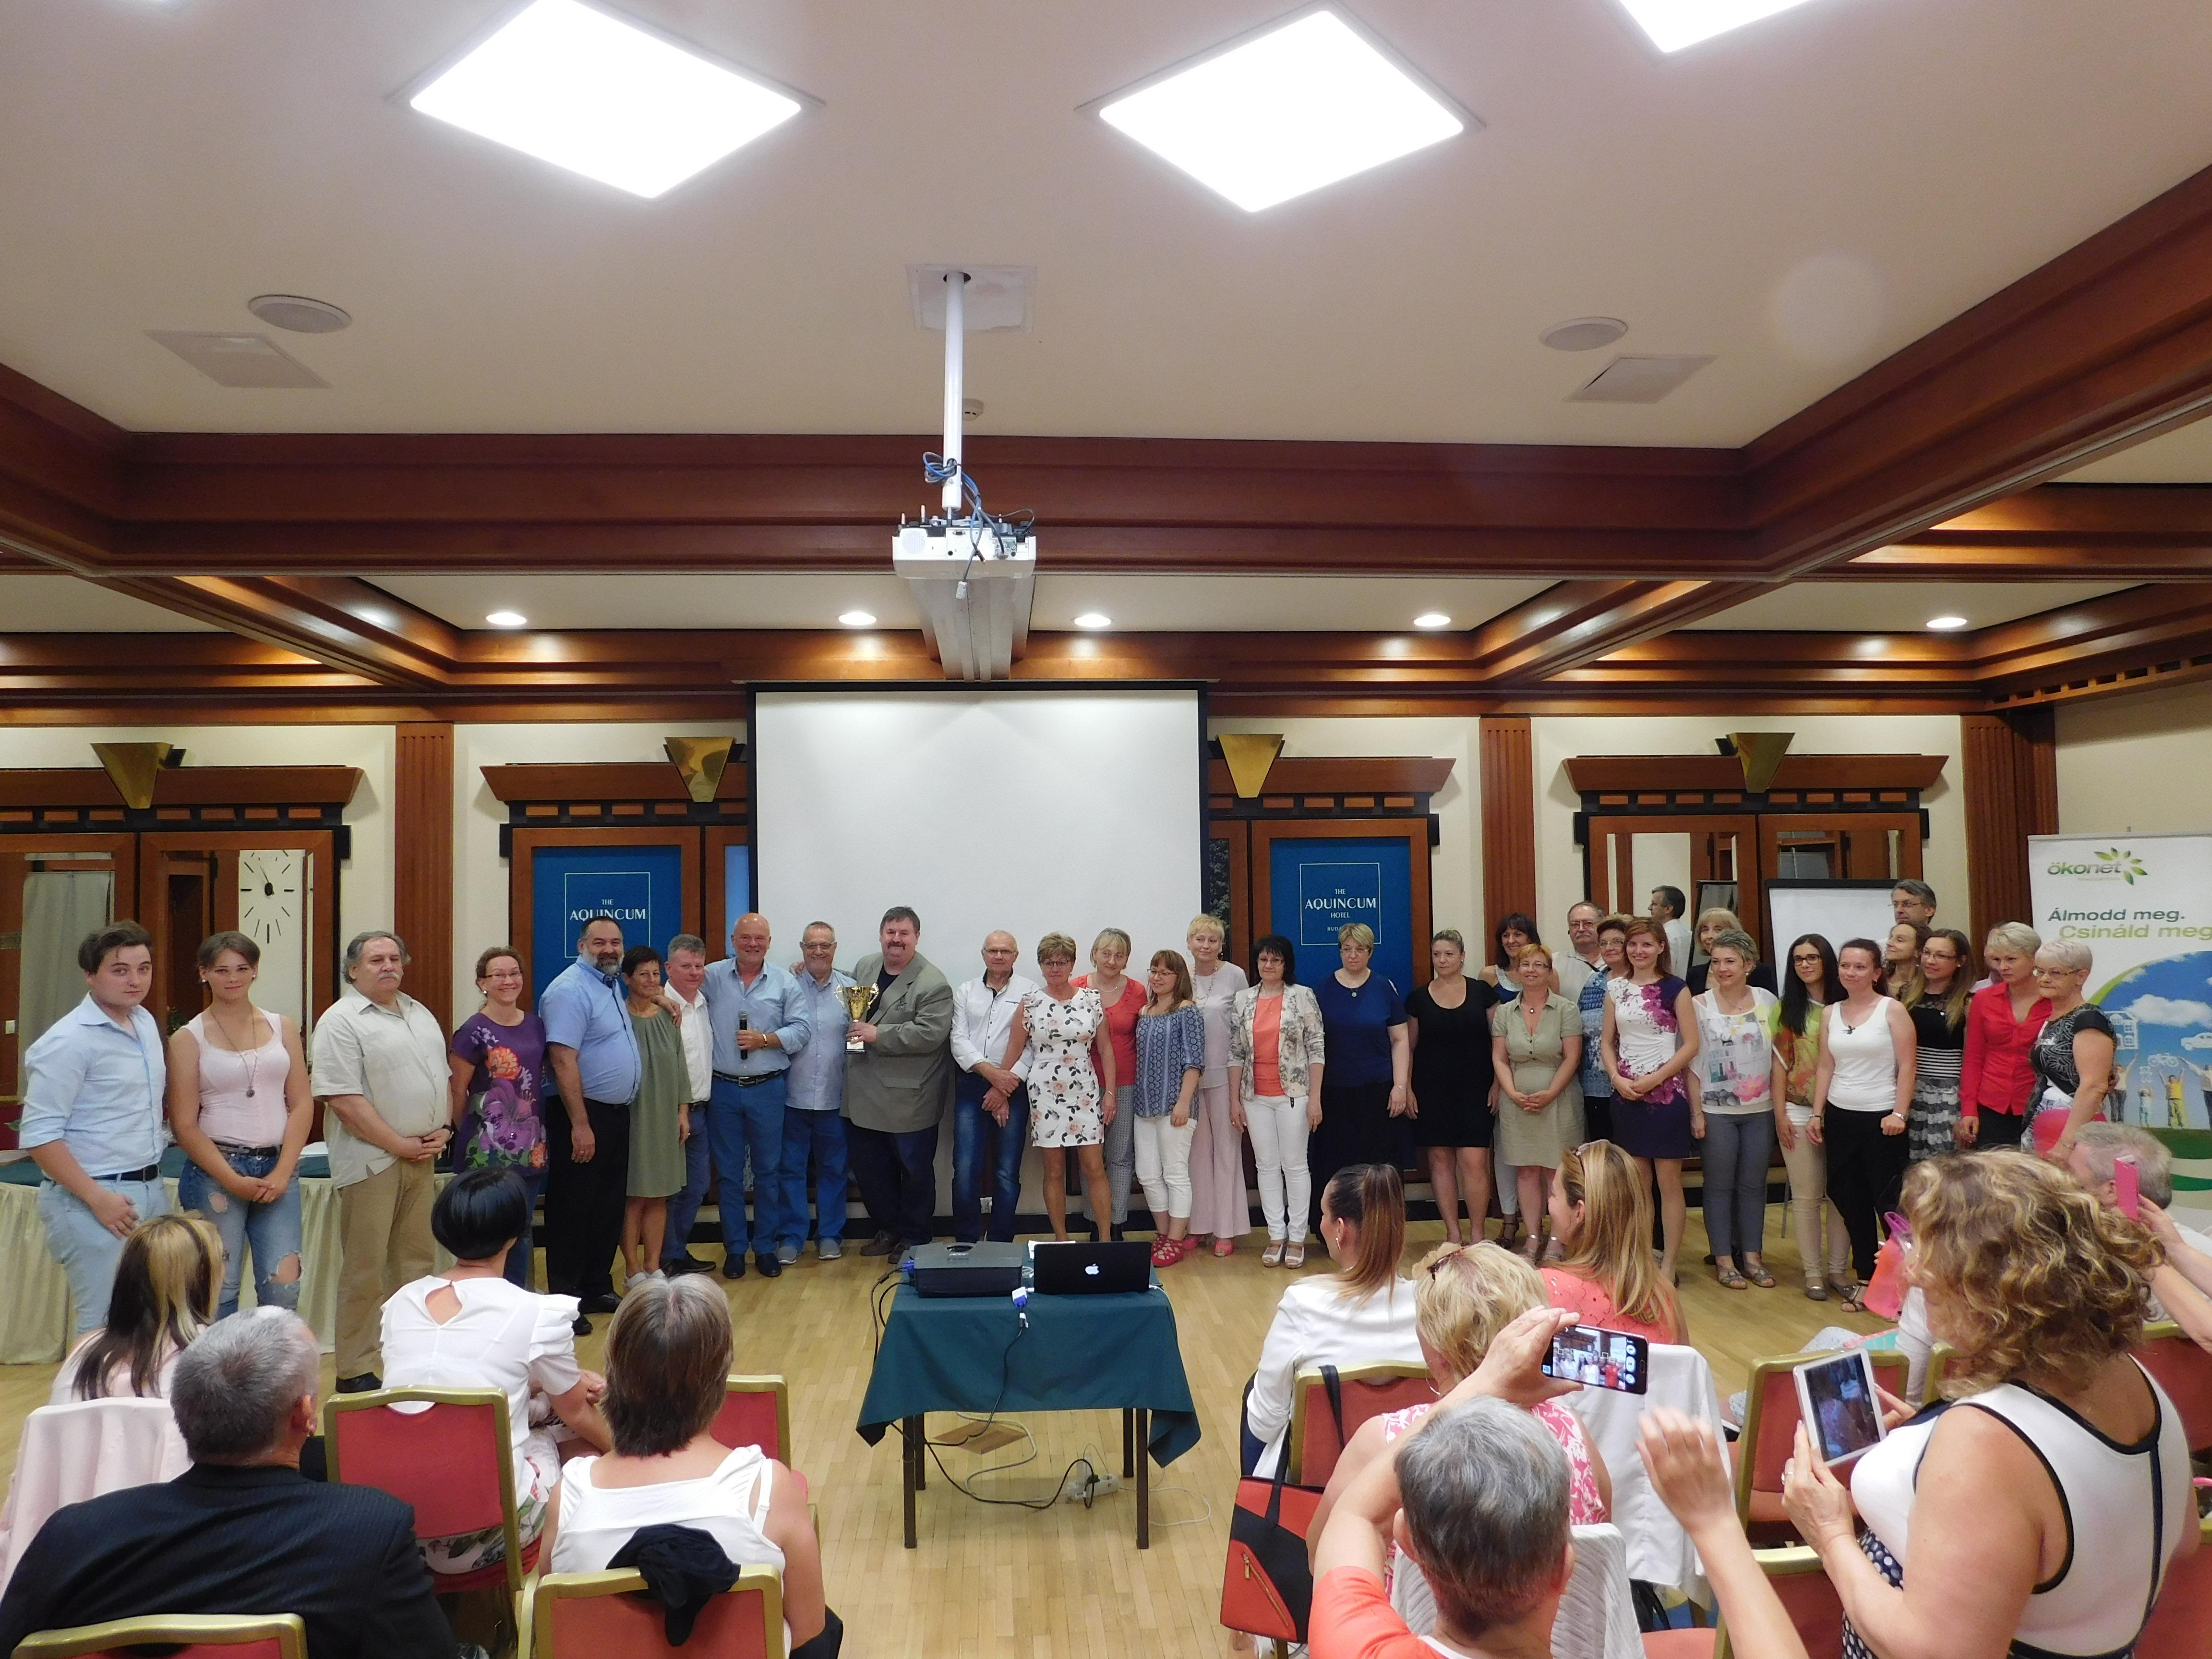 Sok sikeres versenyző és hálózatfejlesztő a Ferenczy-, Kónya- és Vass-ágakon